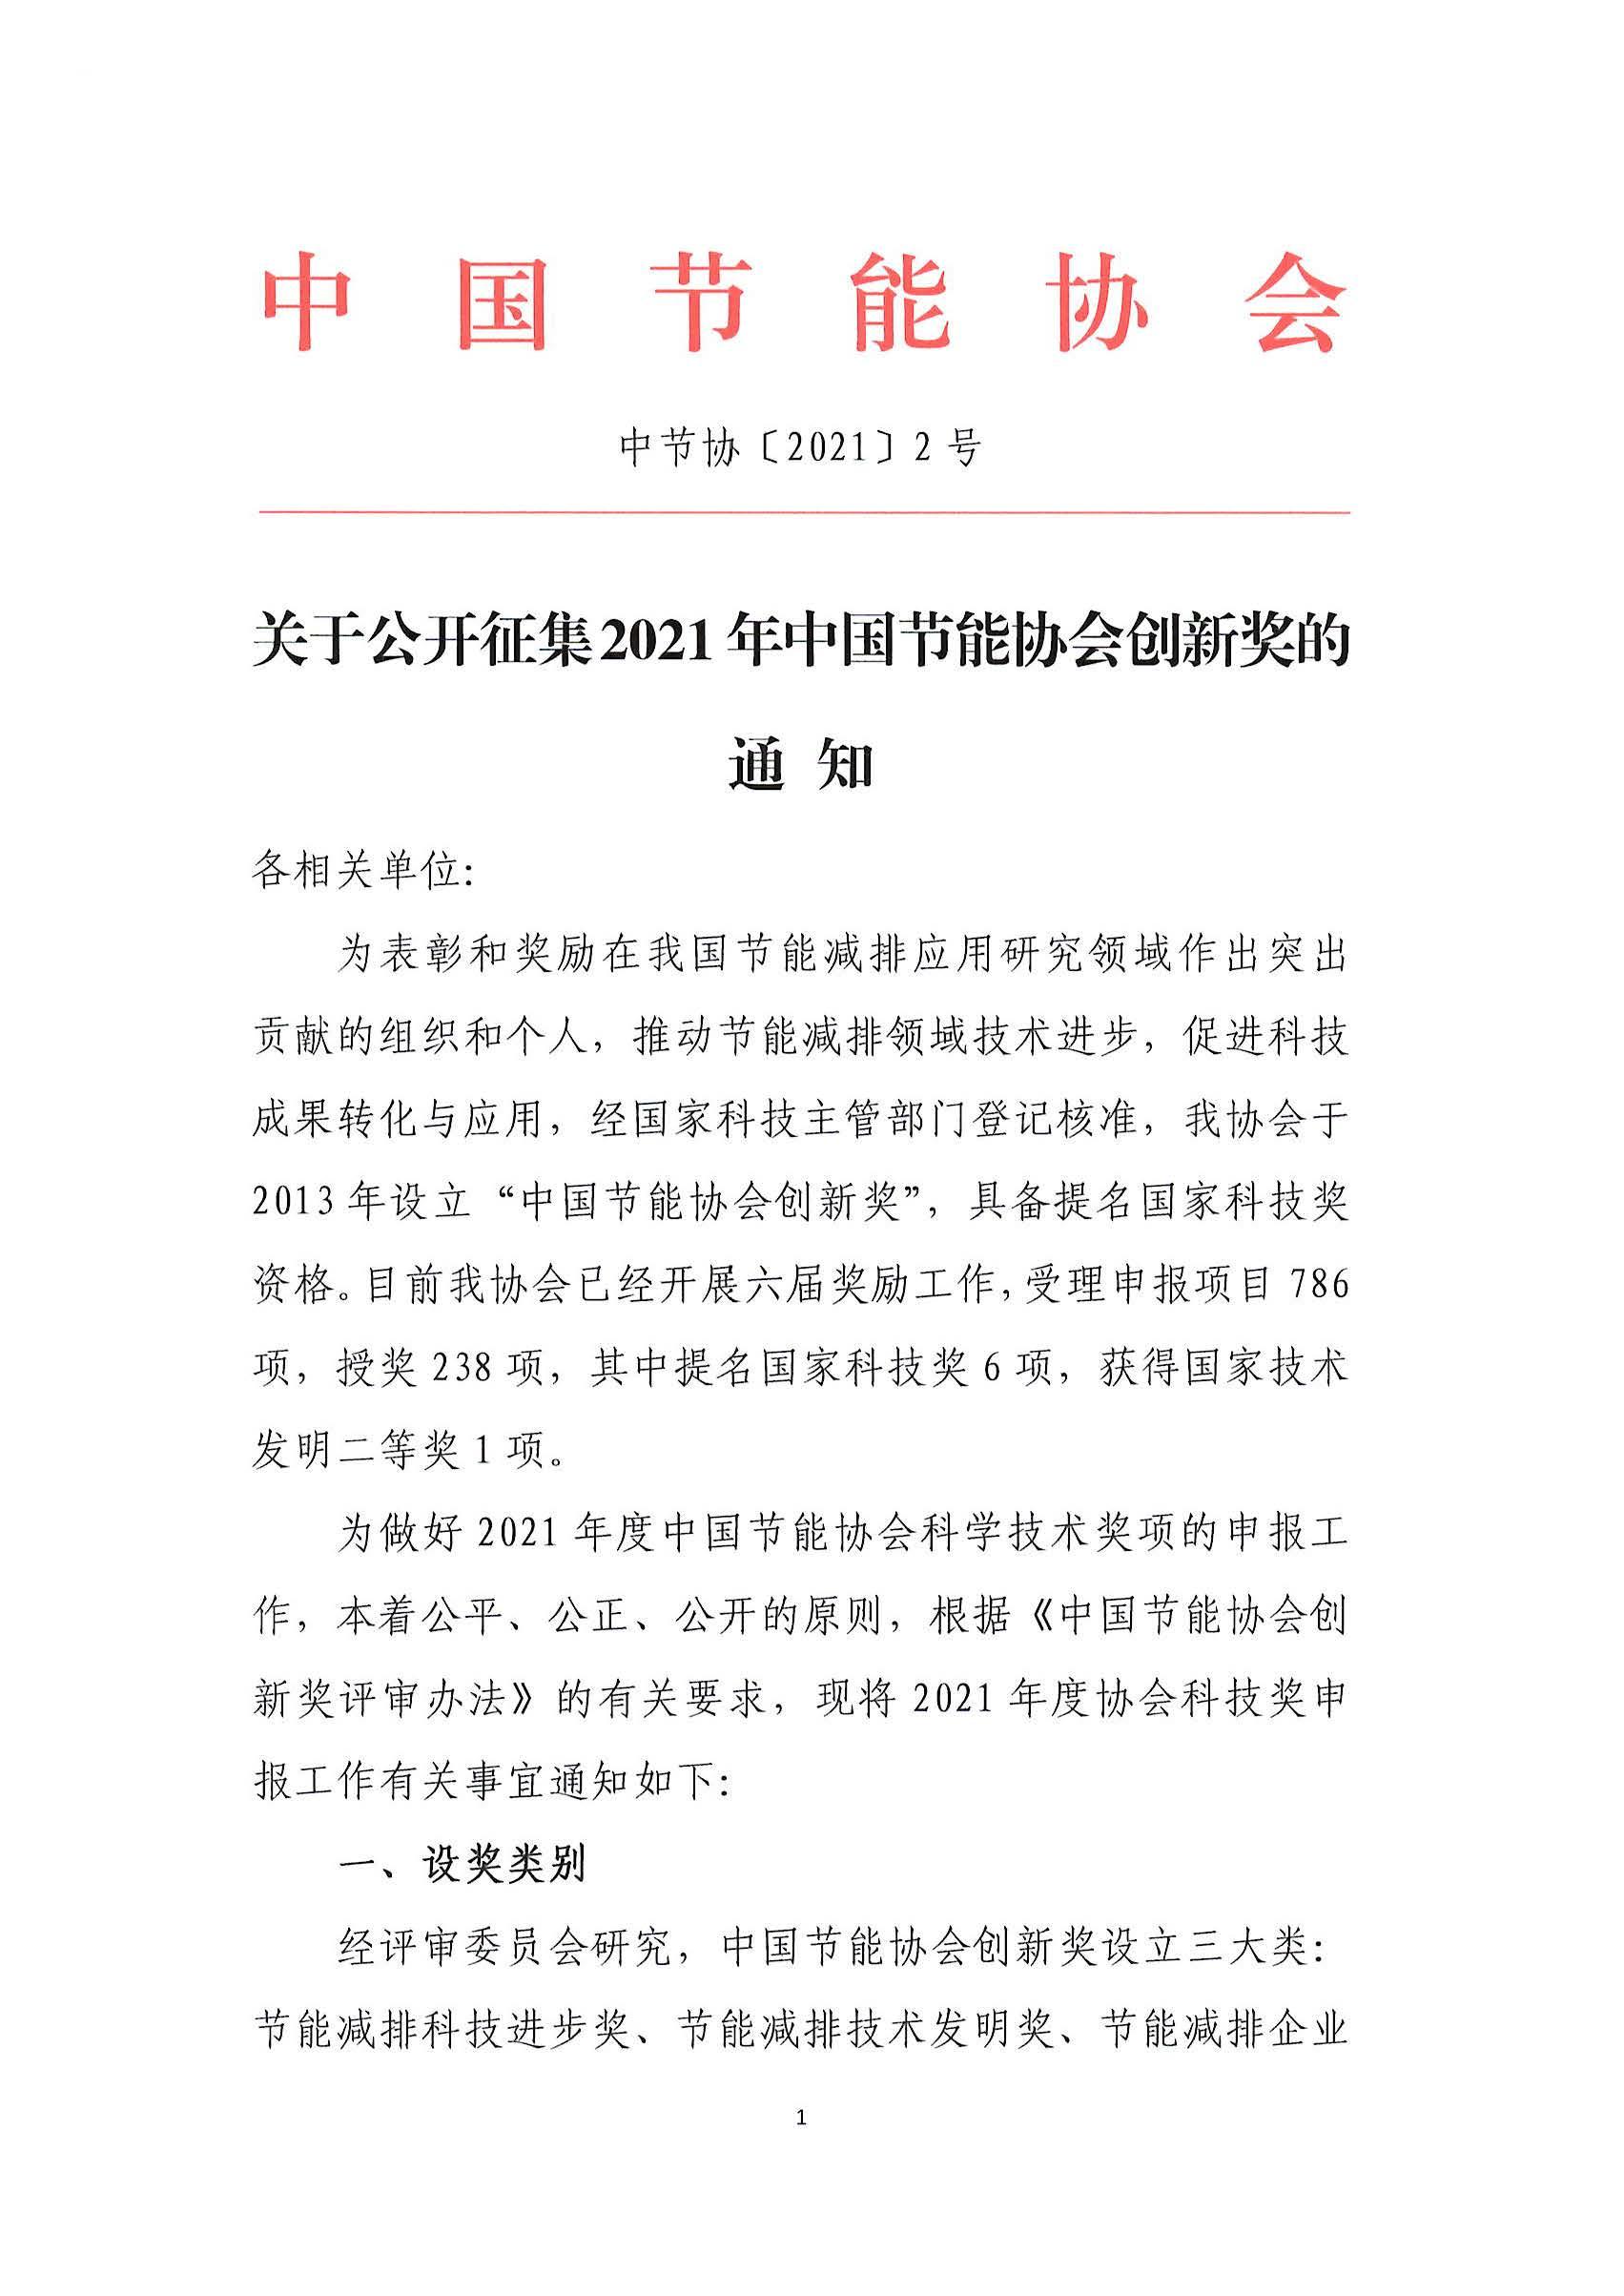 关于公开征集2021年中国节能协会创新奖的通知_页面_1.jpg